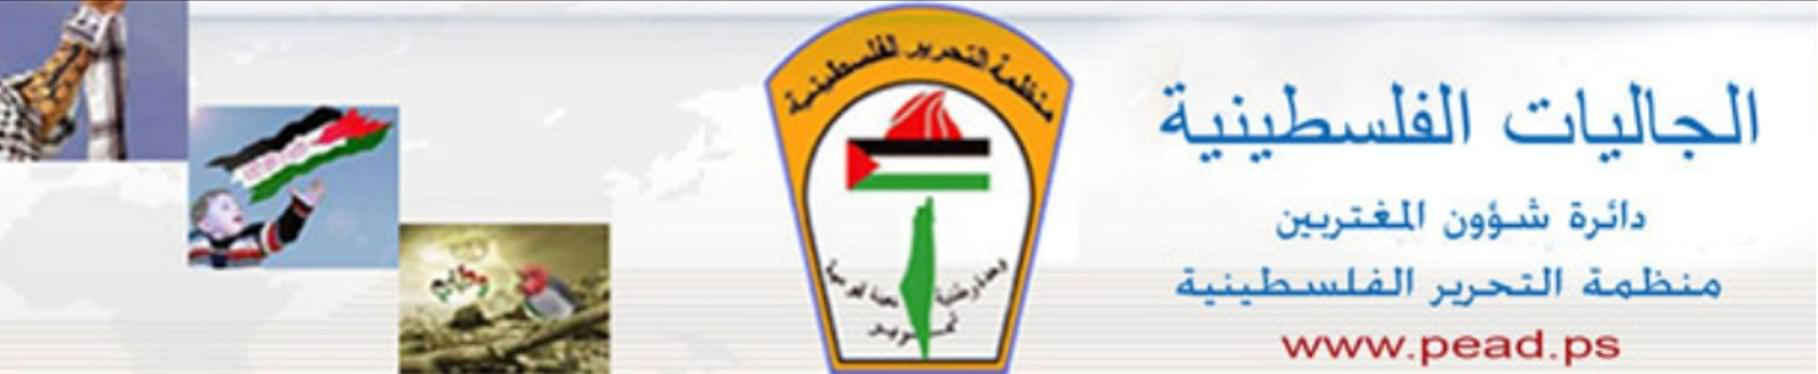 نشرة للجاليات الفلسطينية في اوروبا العدد 16 التاريخ - نيسان | أبريل 2012 - دائرة شؤون المغتربين